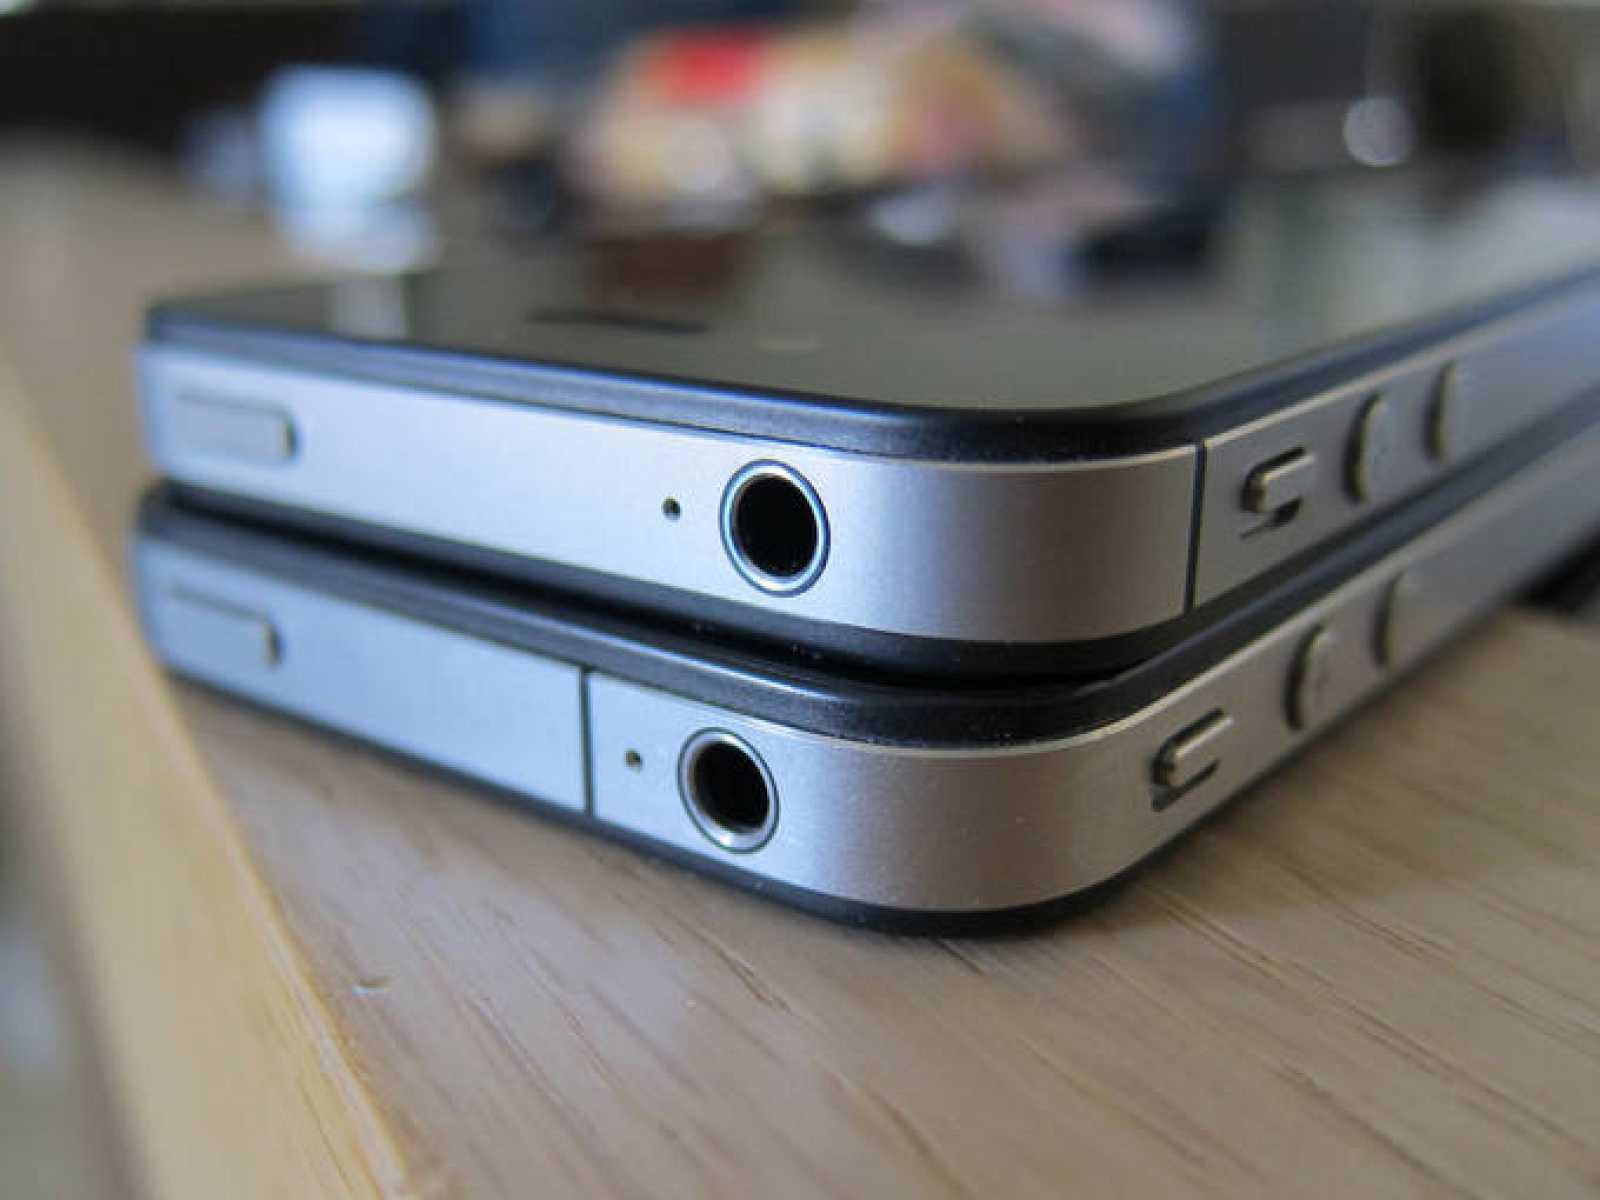 53a373802ed Físicamente, el iPhone4 y el iPhone 4S (arriba) son casi idénticos, salvo